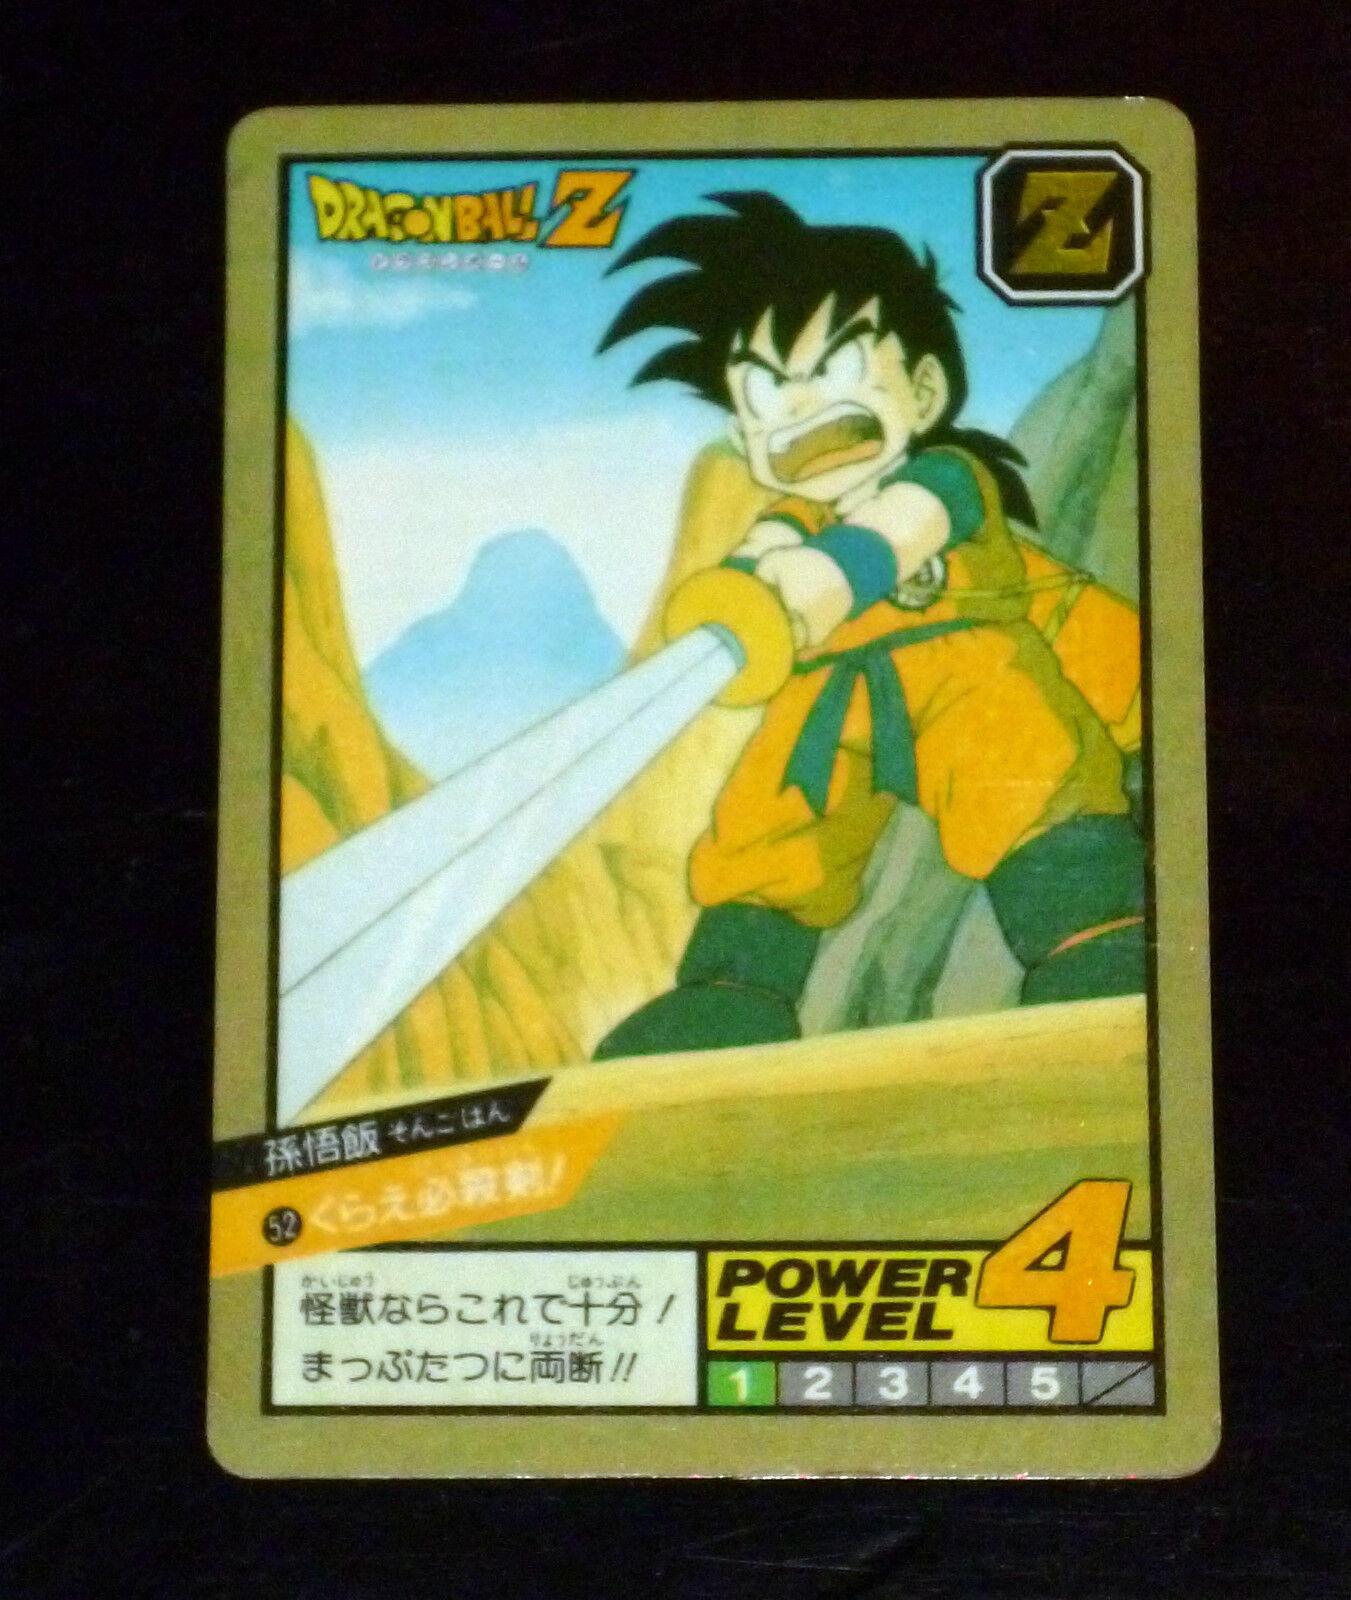 Dragon ball z dbz hervorruft, super - schlacht teil 2 karte versteckten prisma carte 52 japan 1992   2